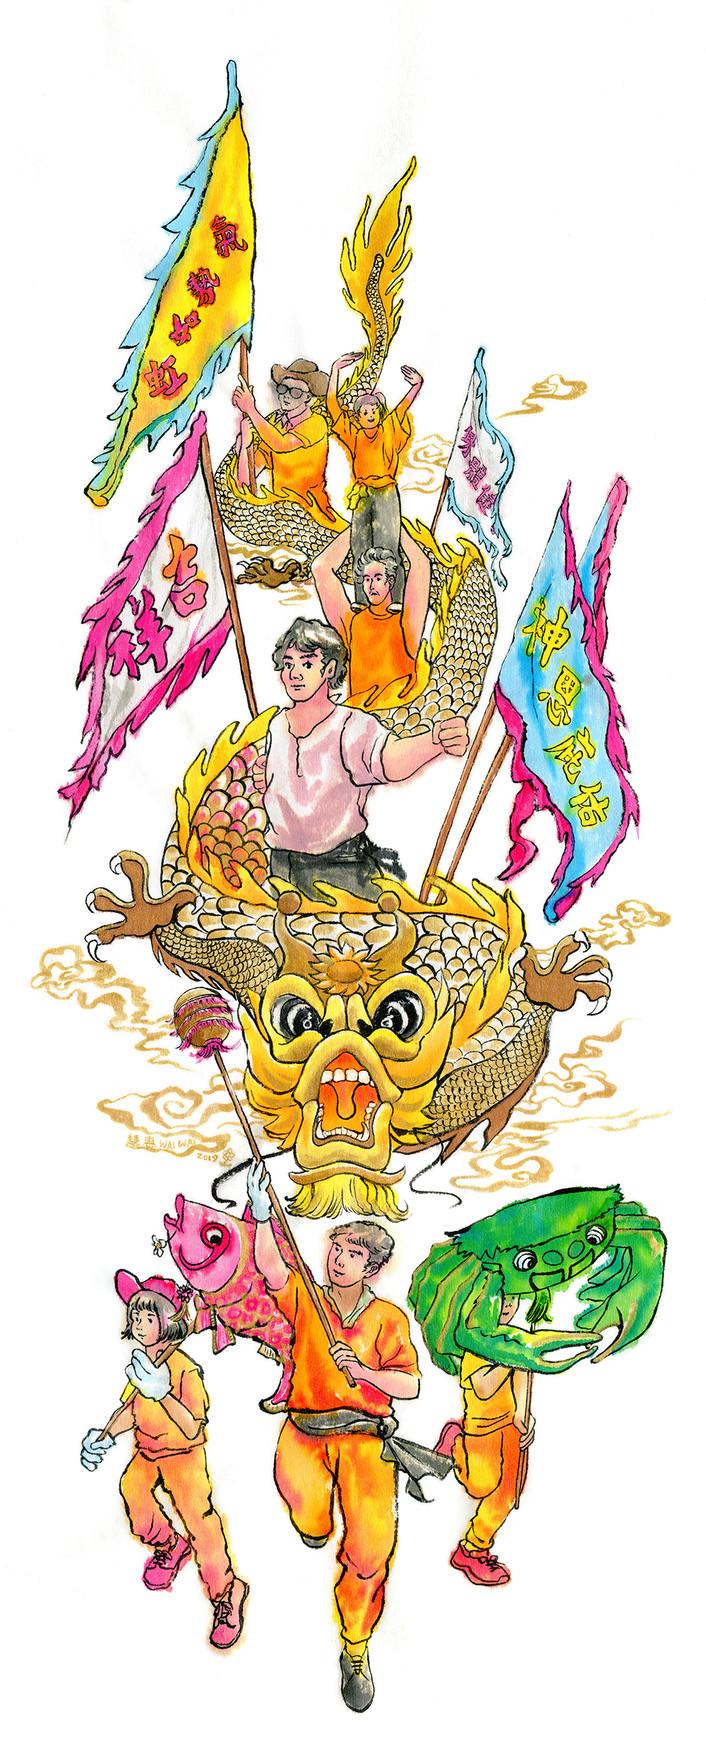 明報副刊插畫《比武巡遊賀譚公誕 摸百呎金龍沾好運》 X 慧惠